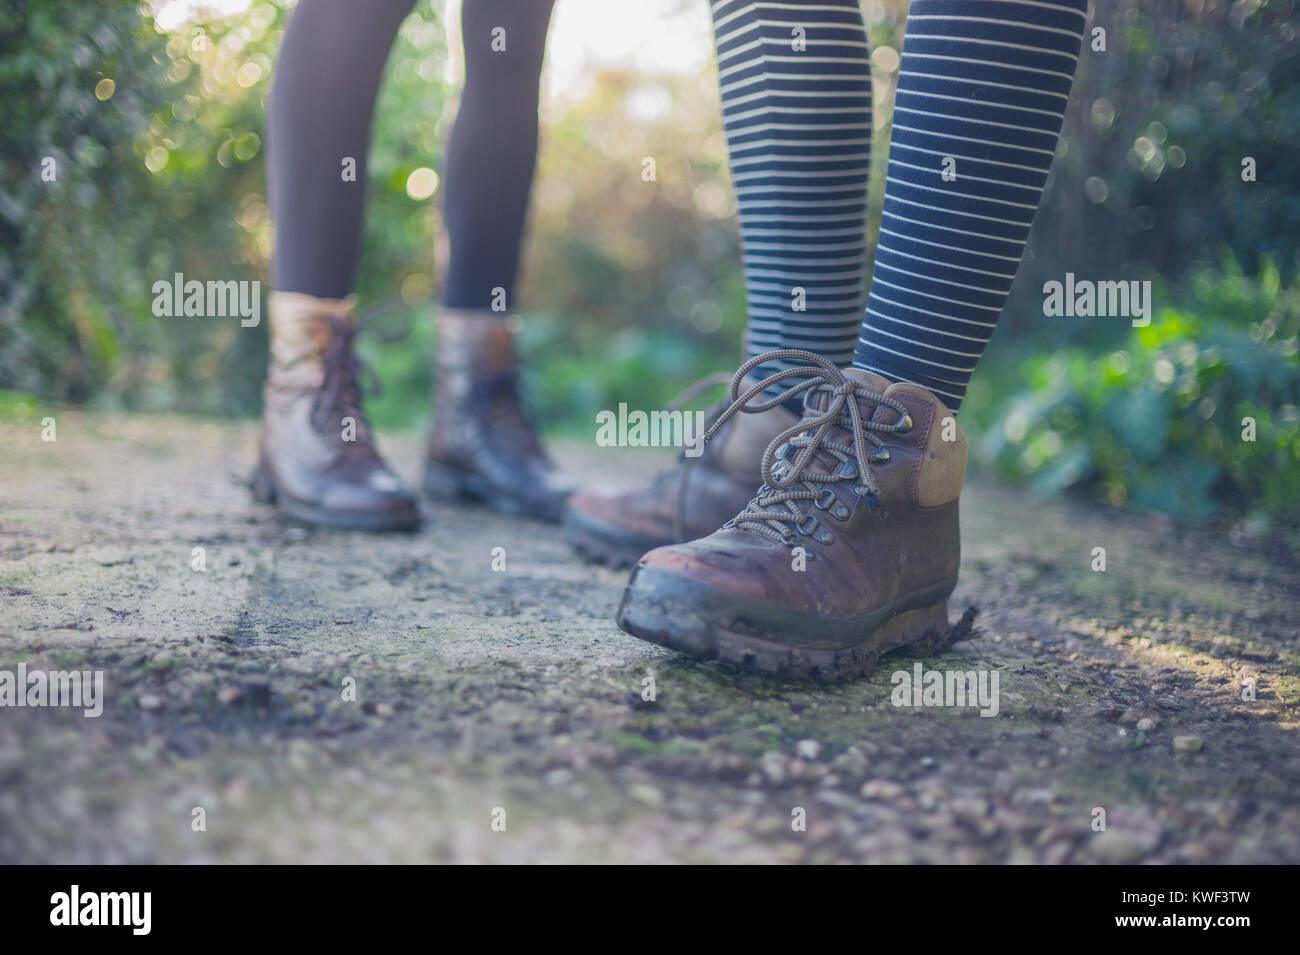 Los zapatos y los pies de dos jóvenes mujeres de pie fuera en la naturaleza Imagen De Stock